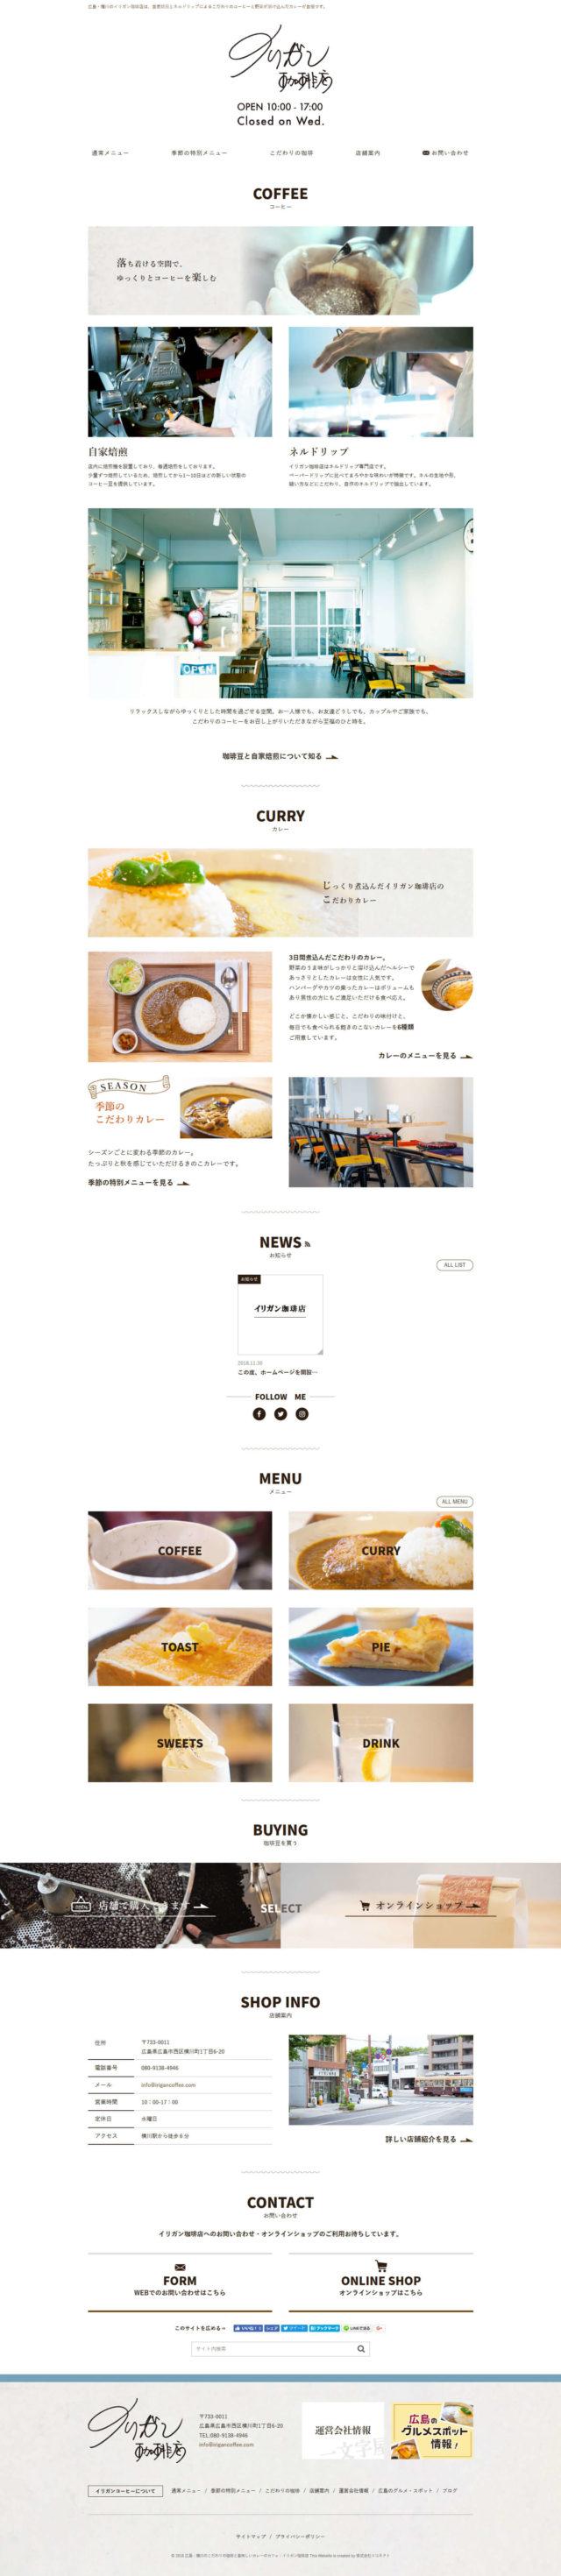 広島県広島市 こだわりのコーヒーとカレーのお店「イリガン珈琲店」 様